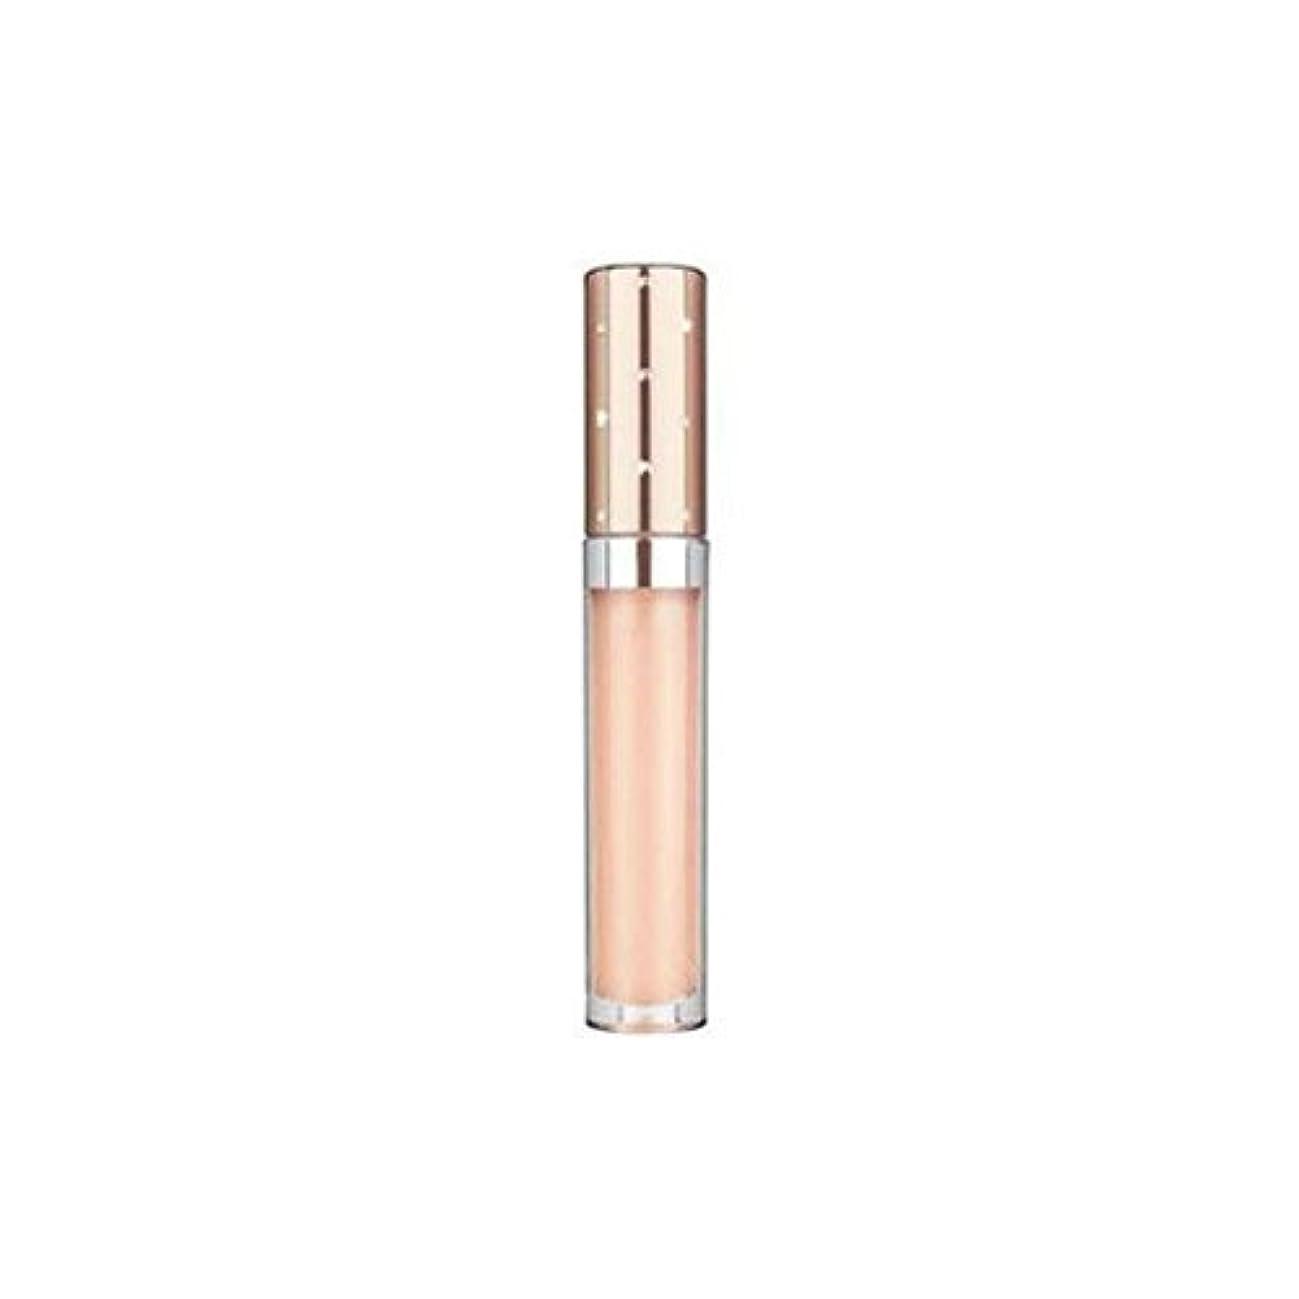 荒らす依存するスペイン語Nubo Instant Lip Perfection Spf15 (5ml) - インスタントリップパーフェクション15(5ミリリットル) [並行輸入品]